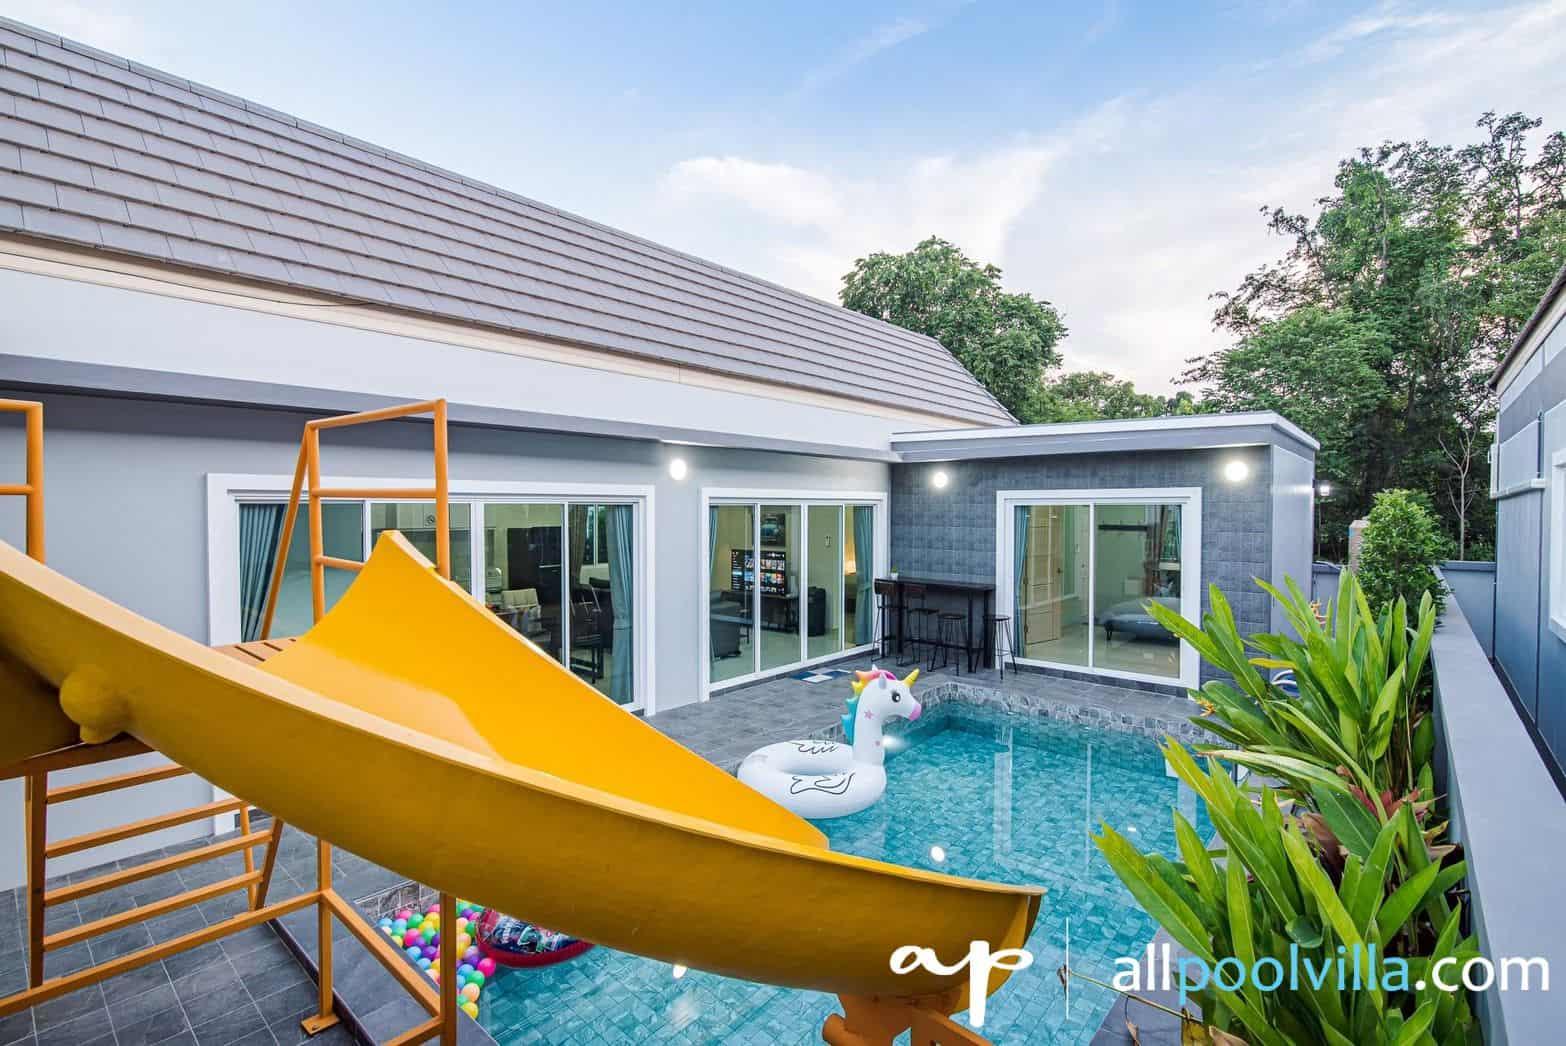 บรรยากาศบ้านพัก Disney Pool Villa หัวหิน-1